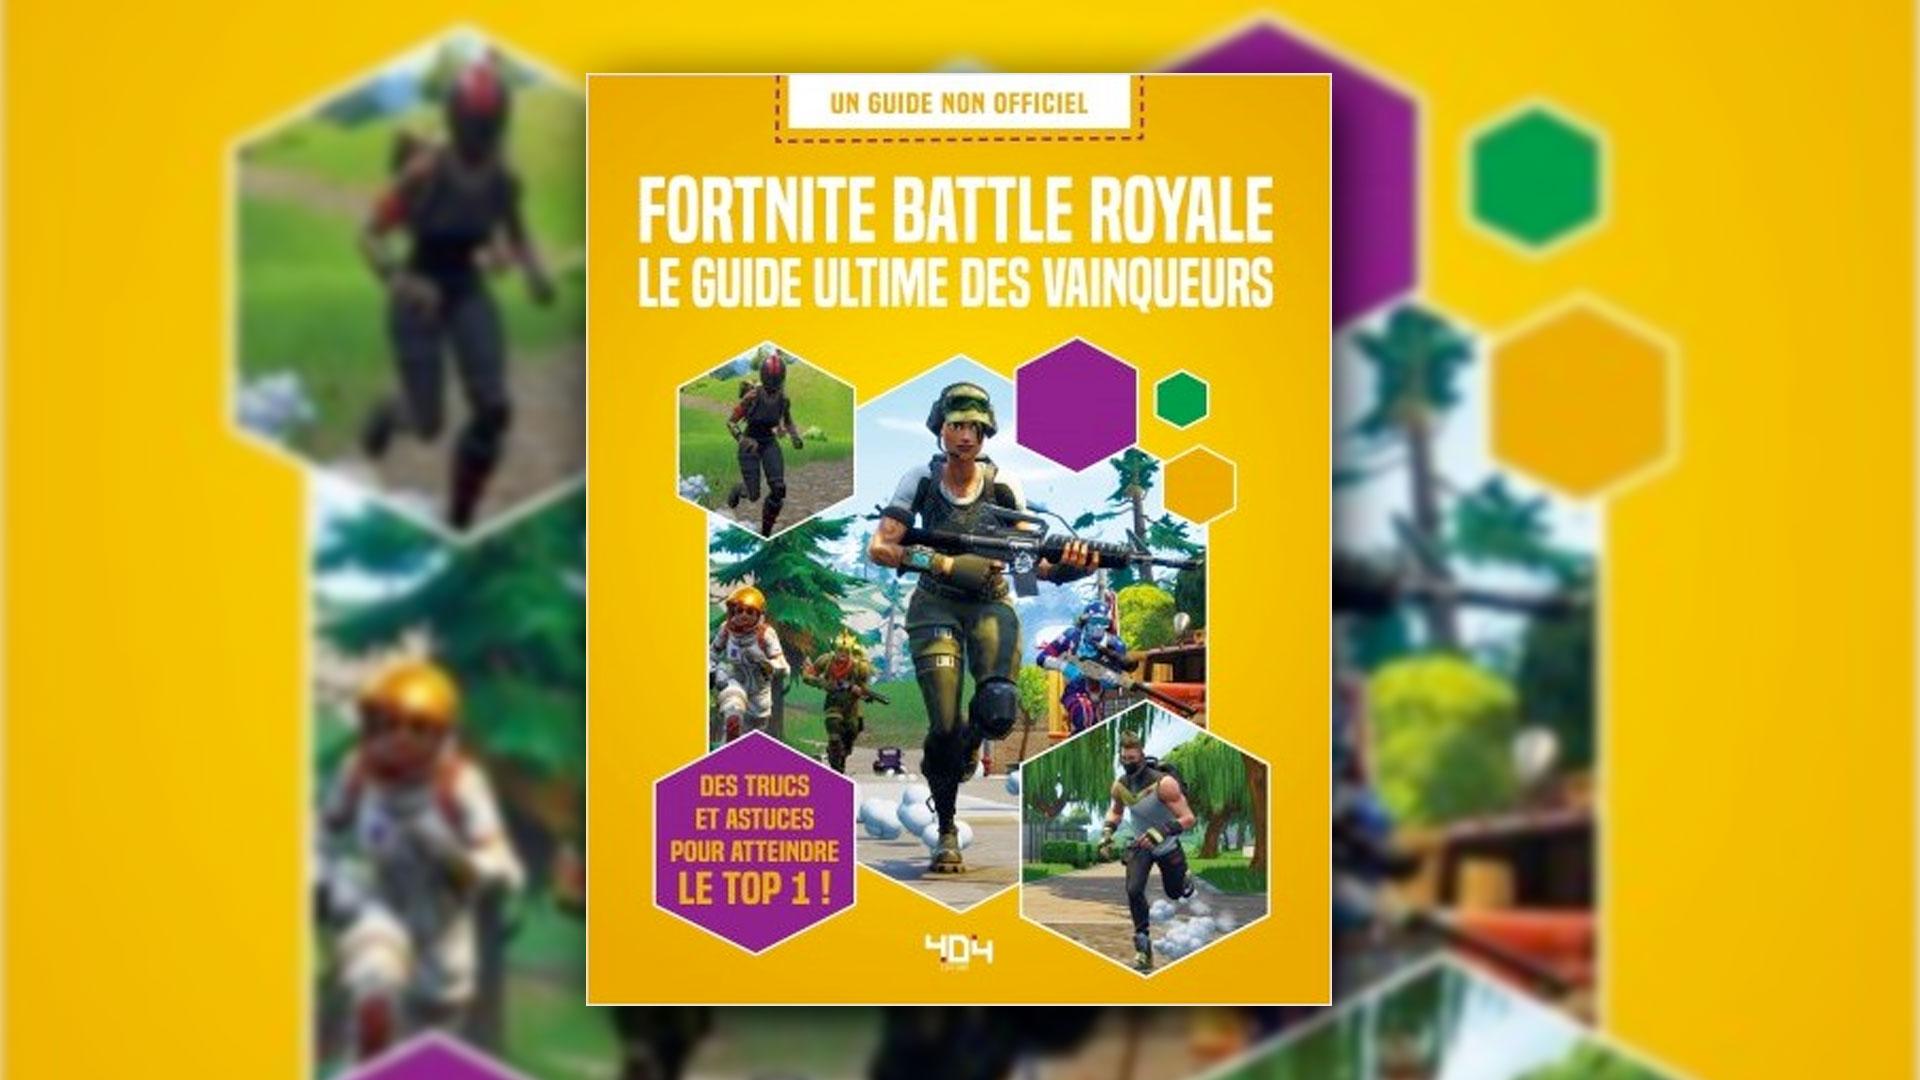 Fortnite Battle Royale Le Guide Ultime Des Vainqueurs Chez